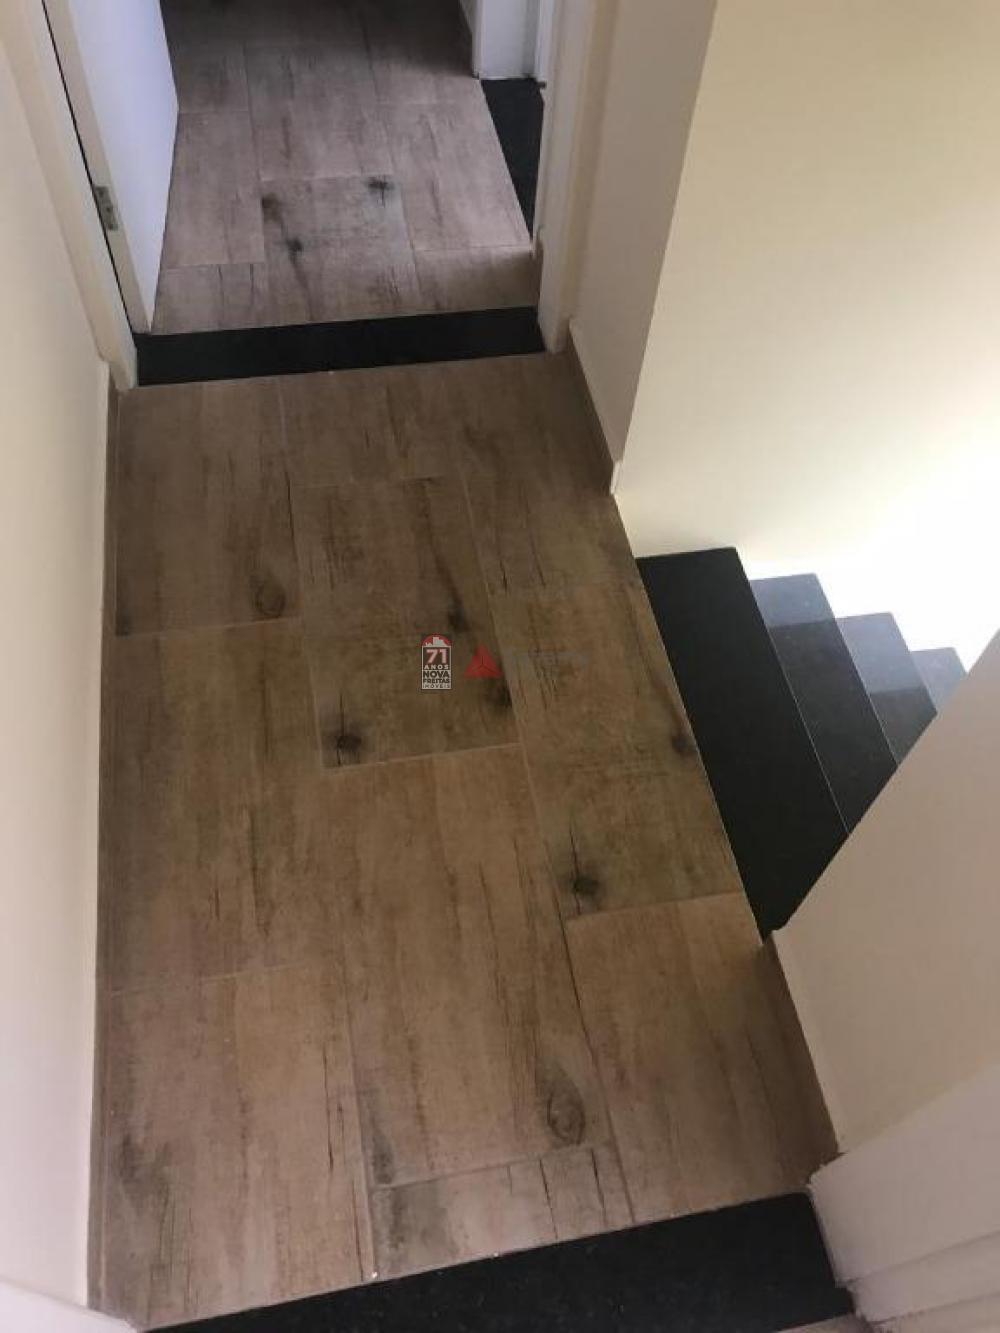 Comprar Casa / Sobrado em Condomínio em Caraguatatuba apenas R$ 259.000,00 - Foto 11